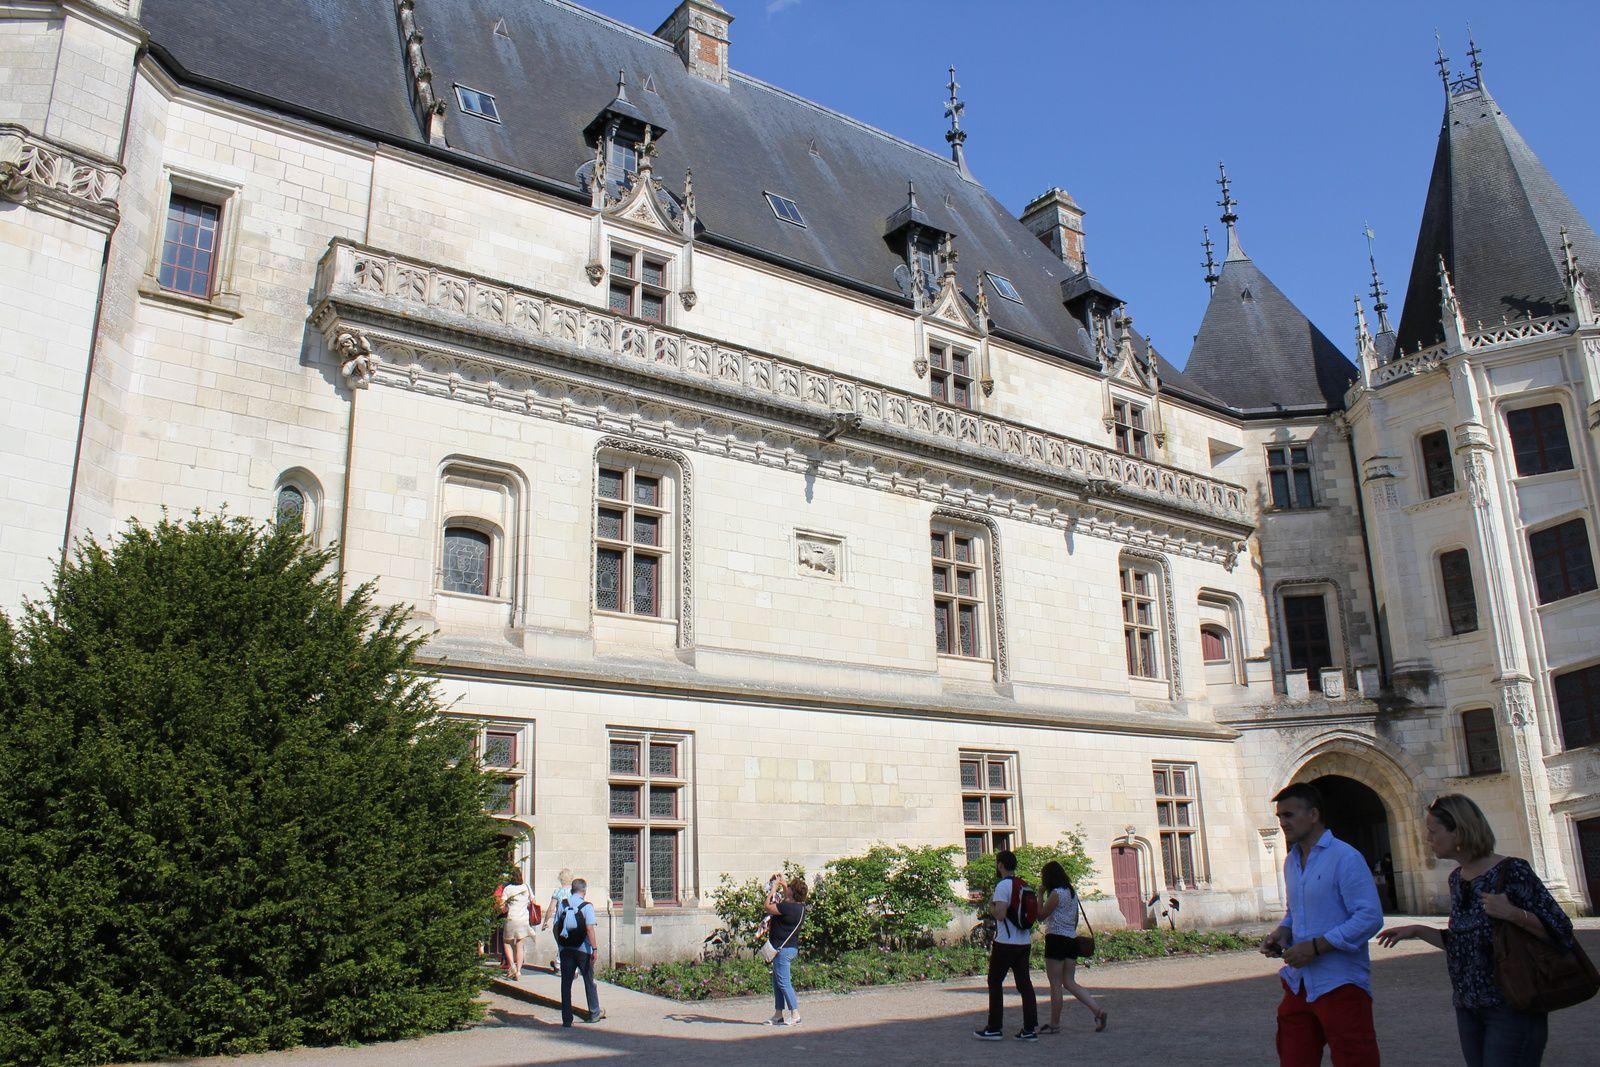 Promenade au festival international des jardins de Chaumont-sur-Loire